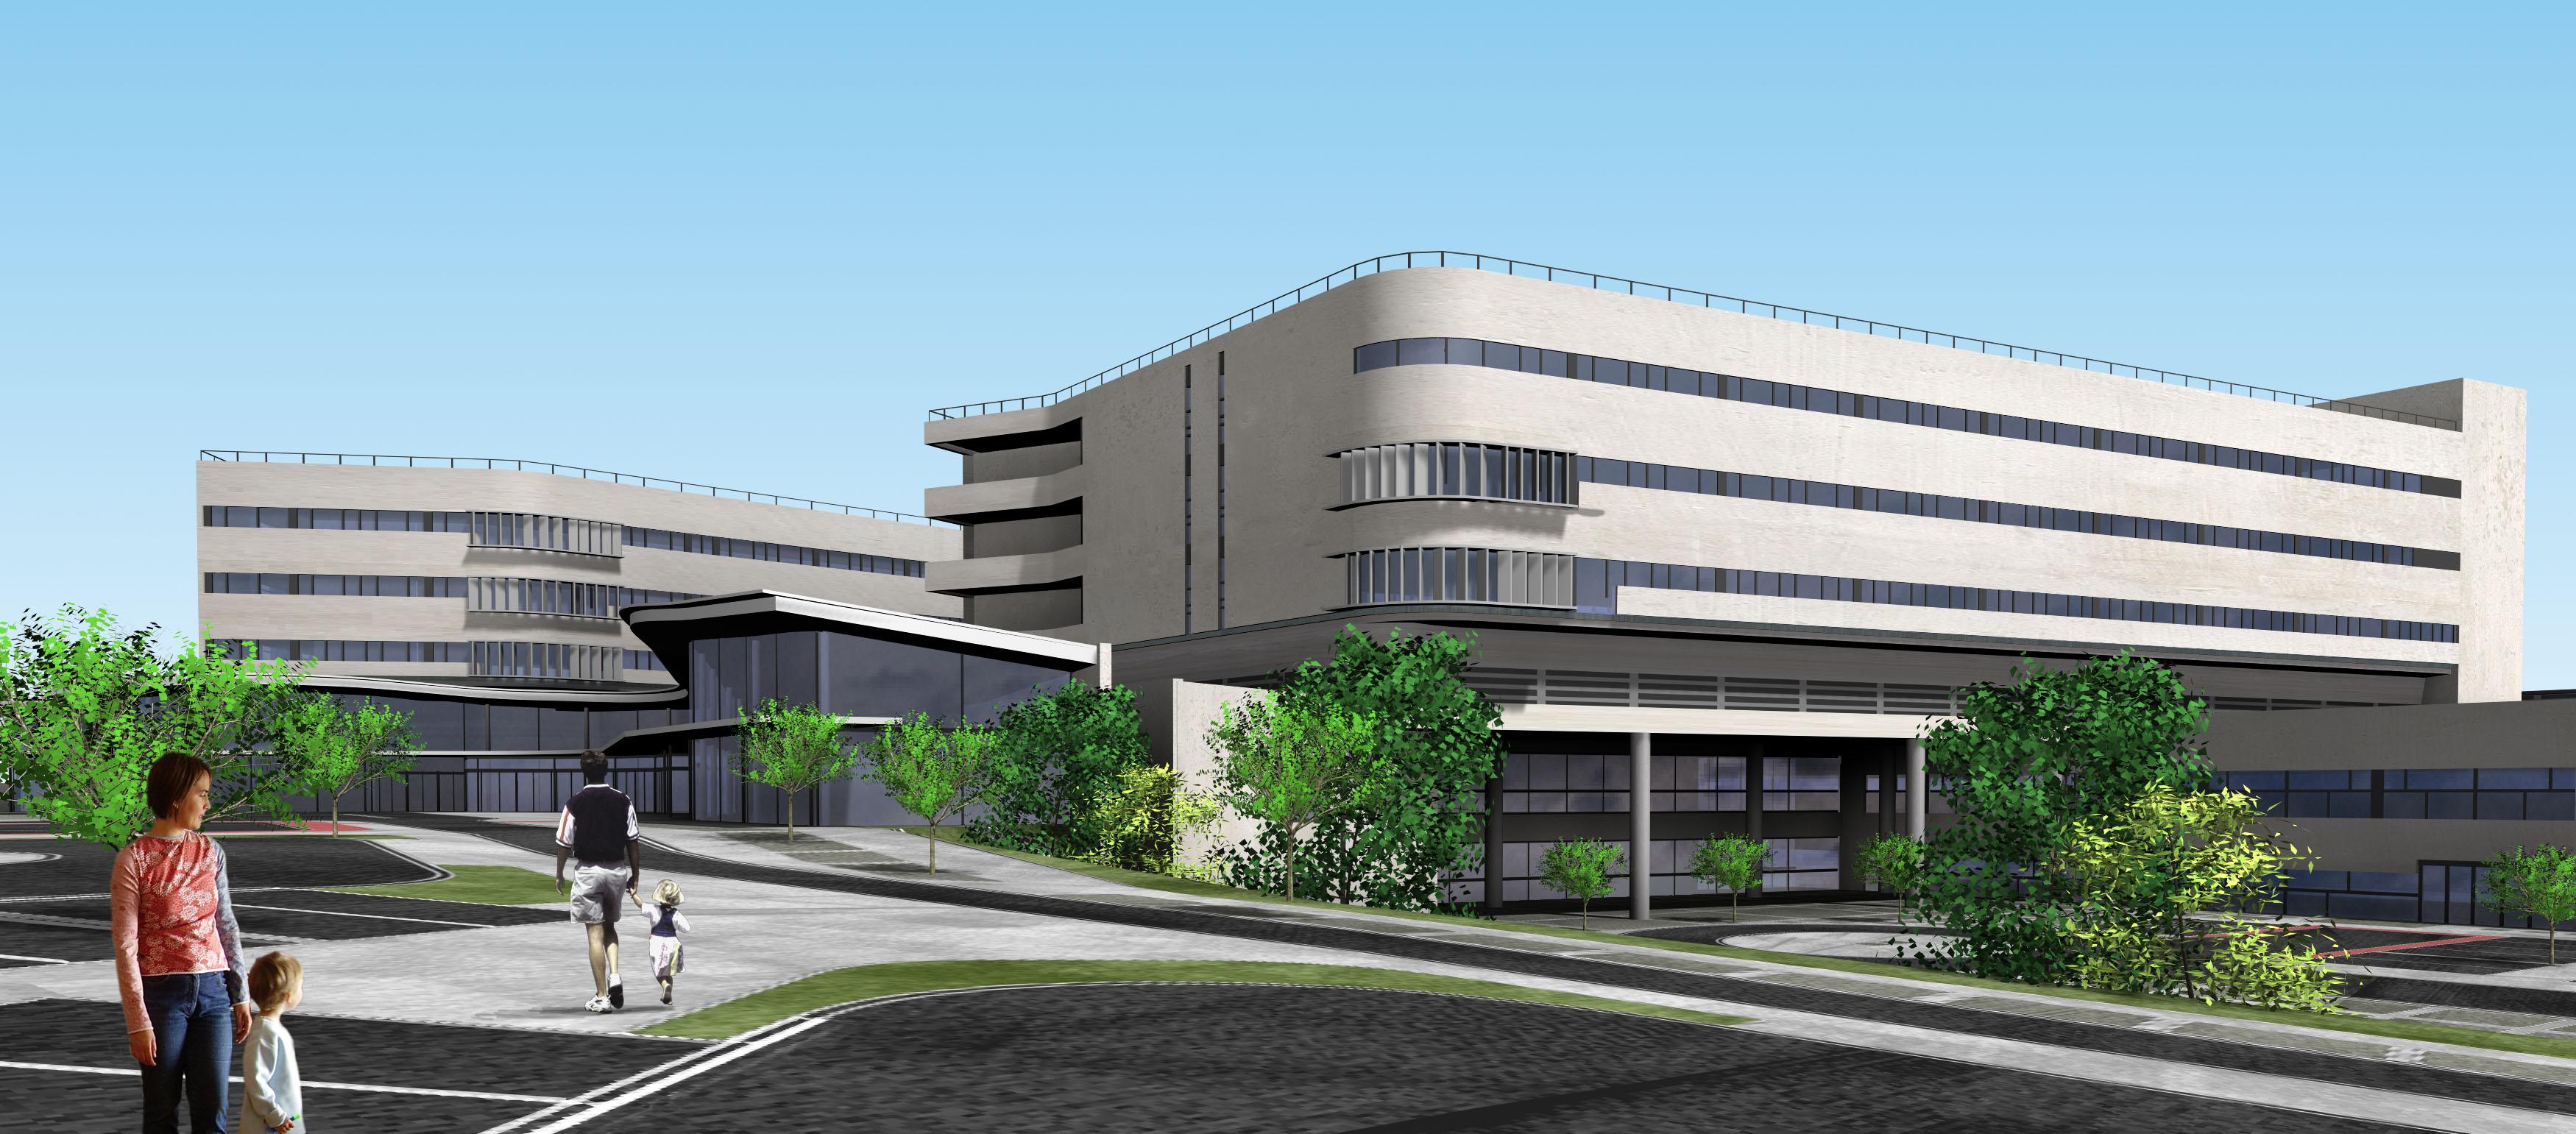 Nuevo hospital de c ceres rgola arquitectos rgola for Plataforma arquitectura